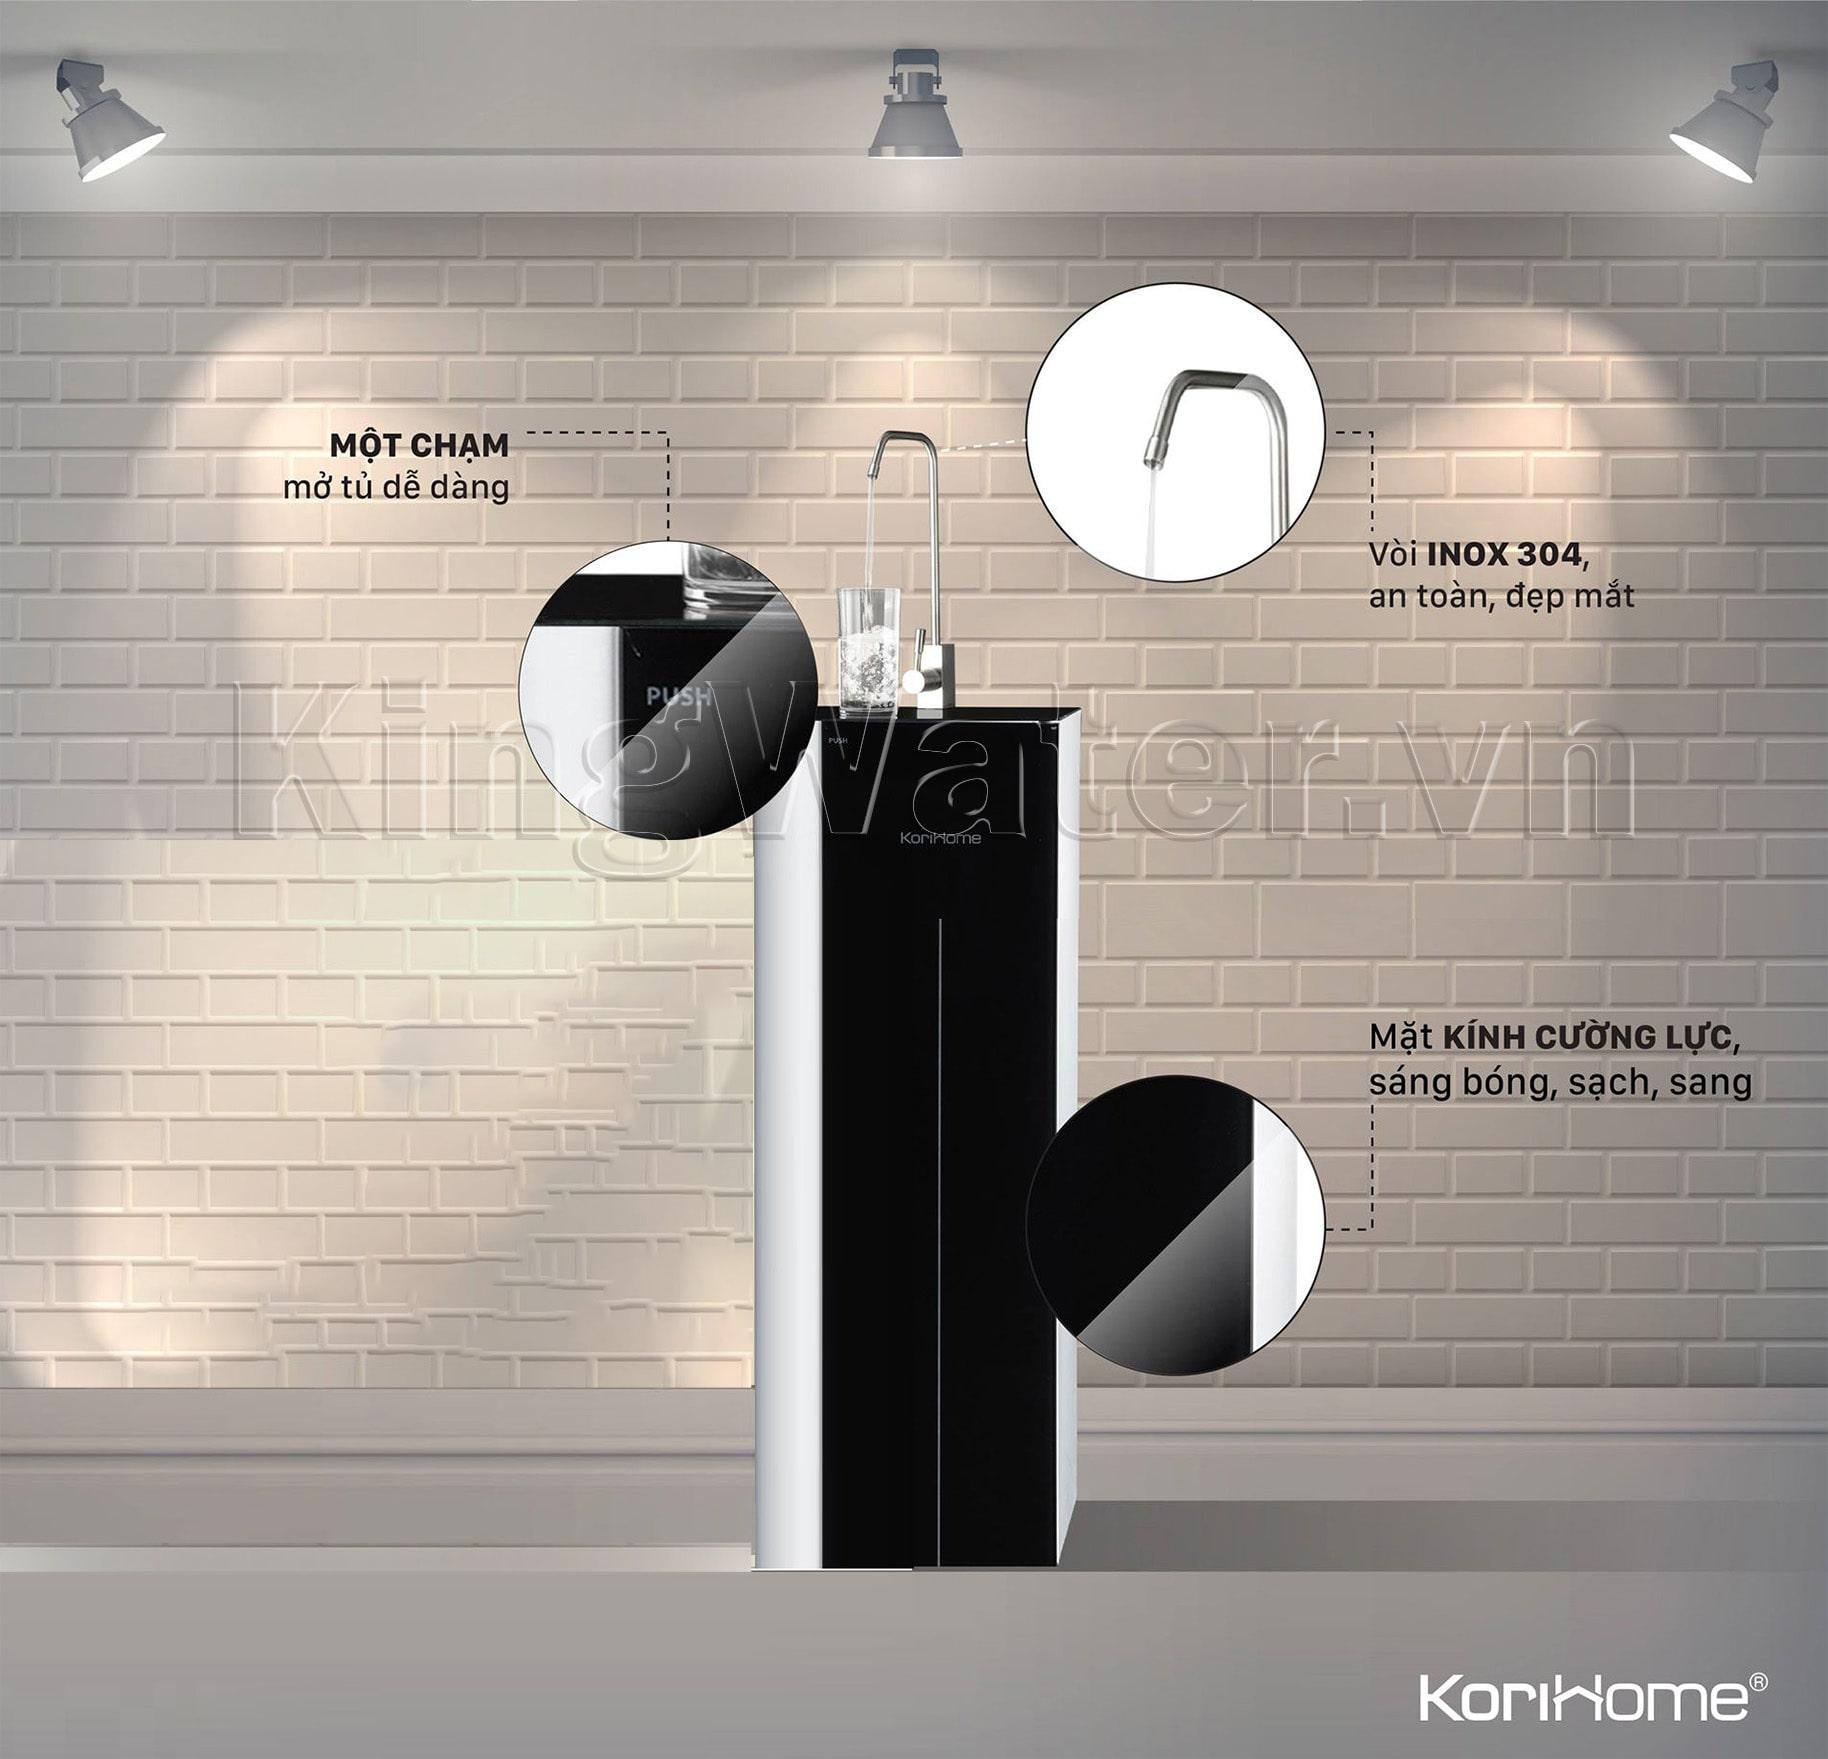 Máy Korihome K-PRO WPK-G61 gây ấn tượng bởi thiết kế từ kính cường lực cao cấp